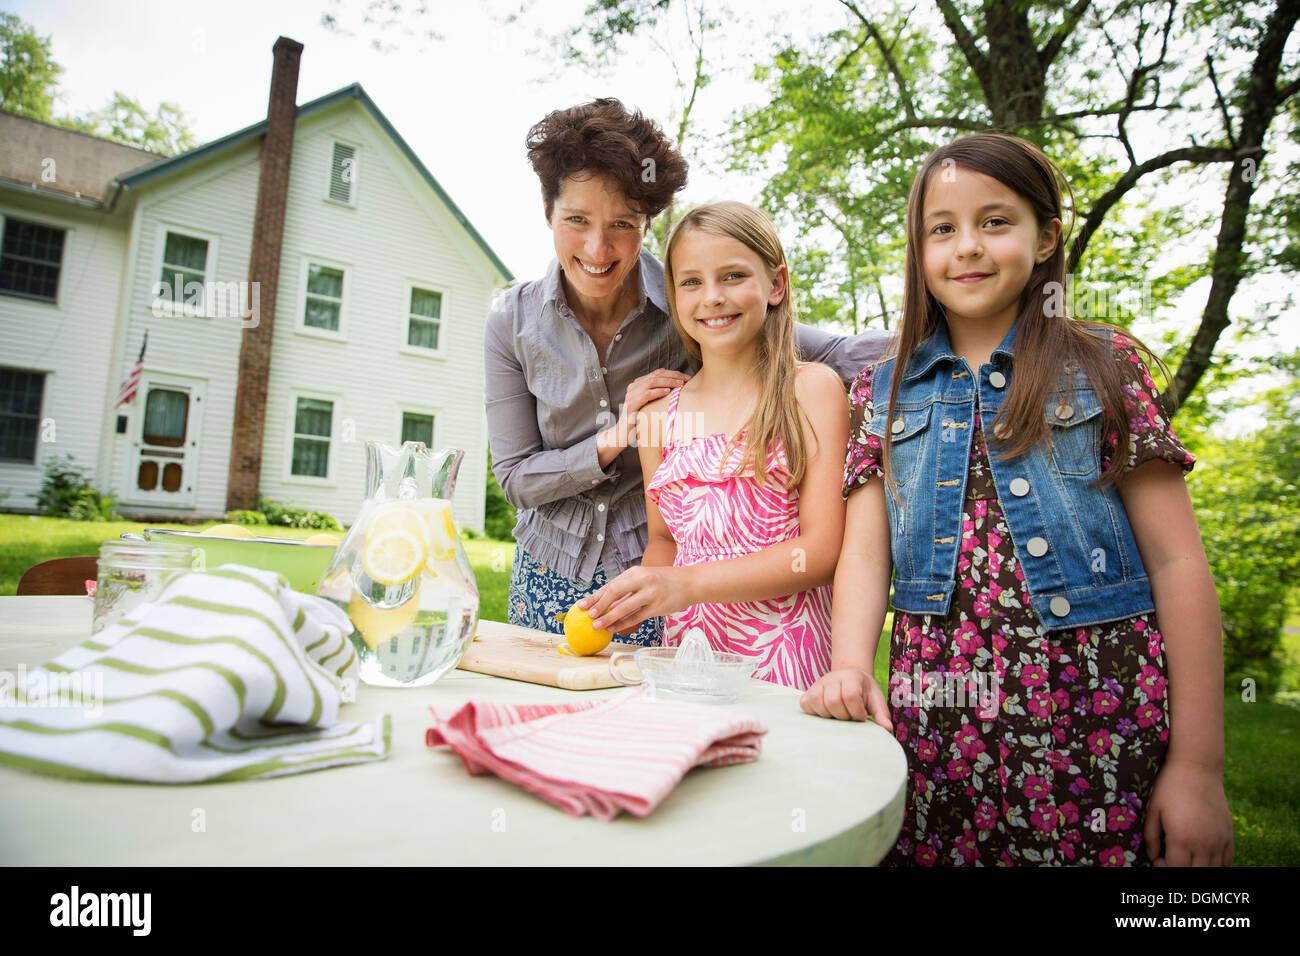 Une réunion de famille d'été dans une ferme. Une femme et deux enfants à l'extérieur par une table, fixant la table. Faire de la limonade. Photo Stock